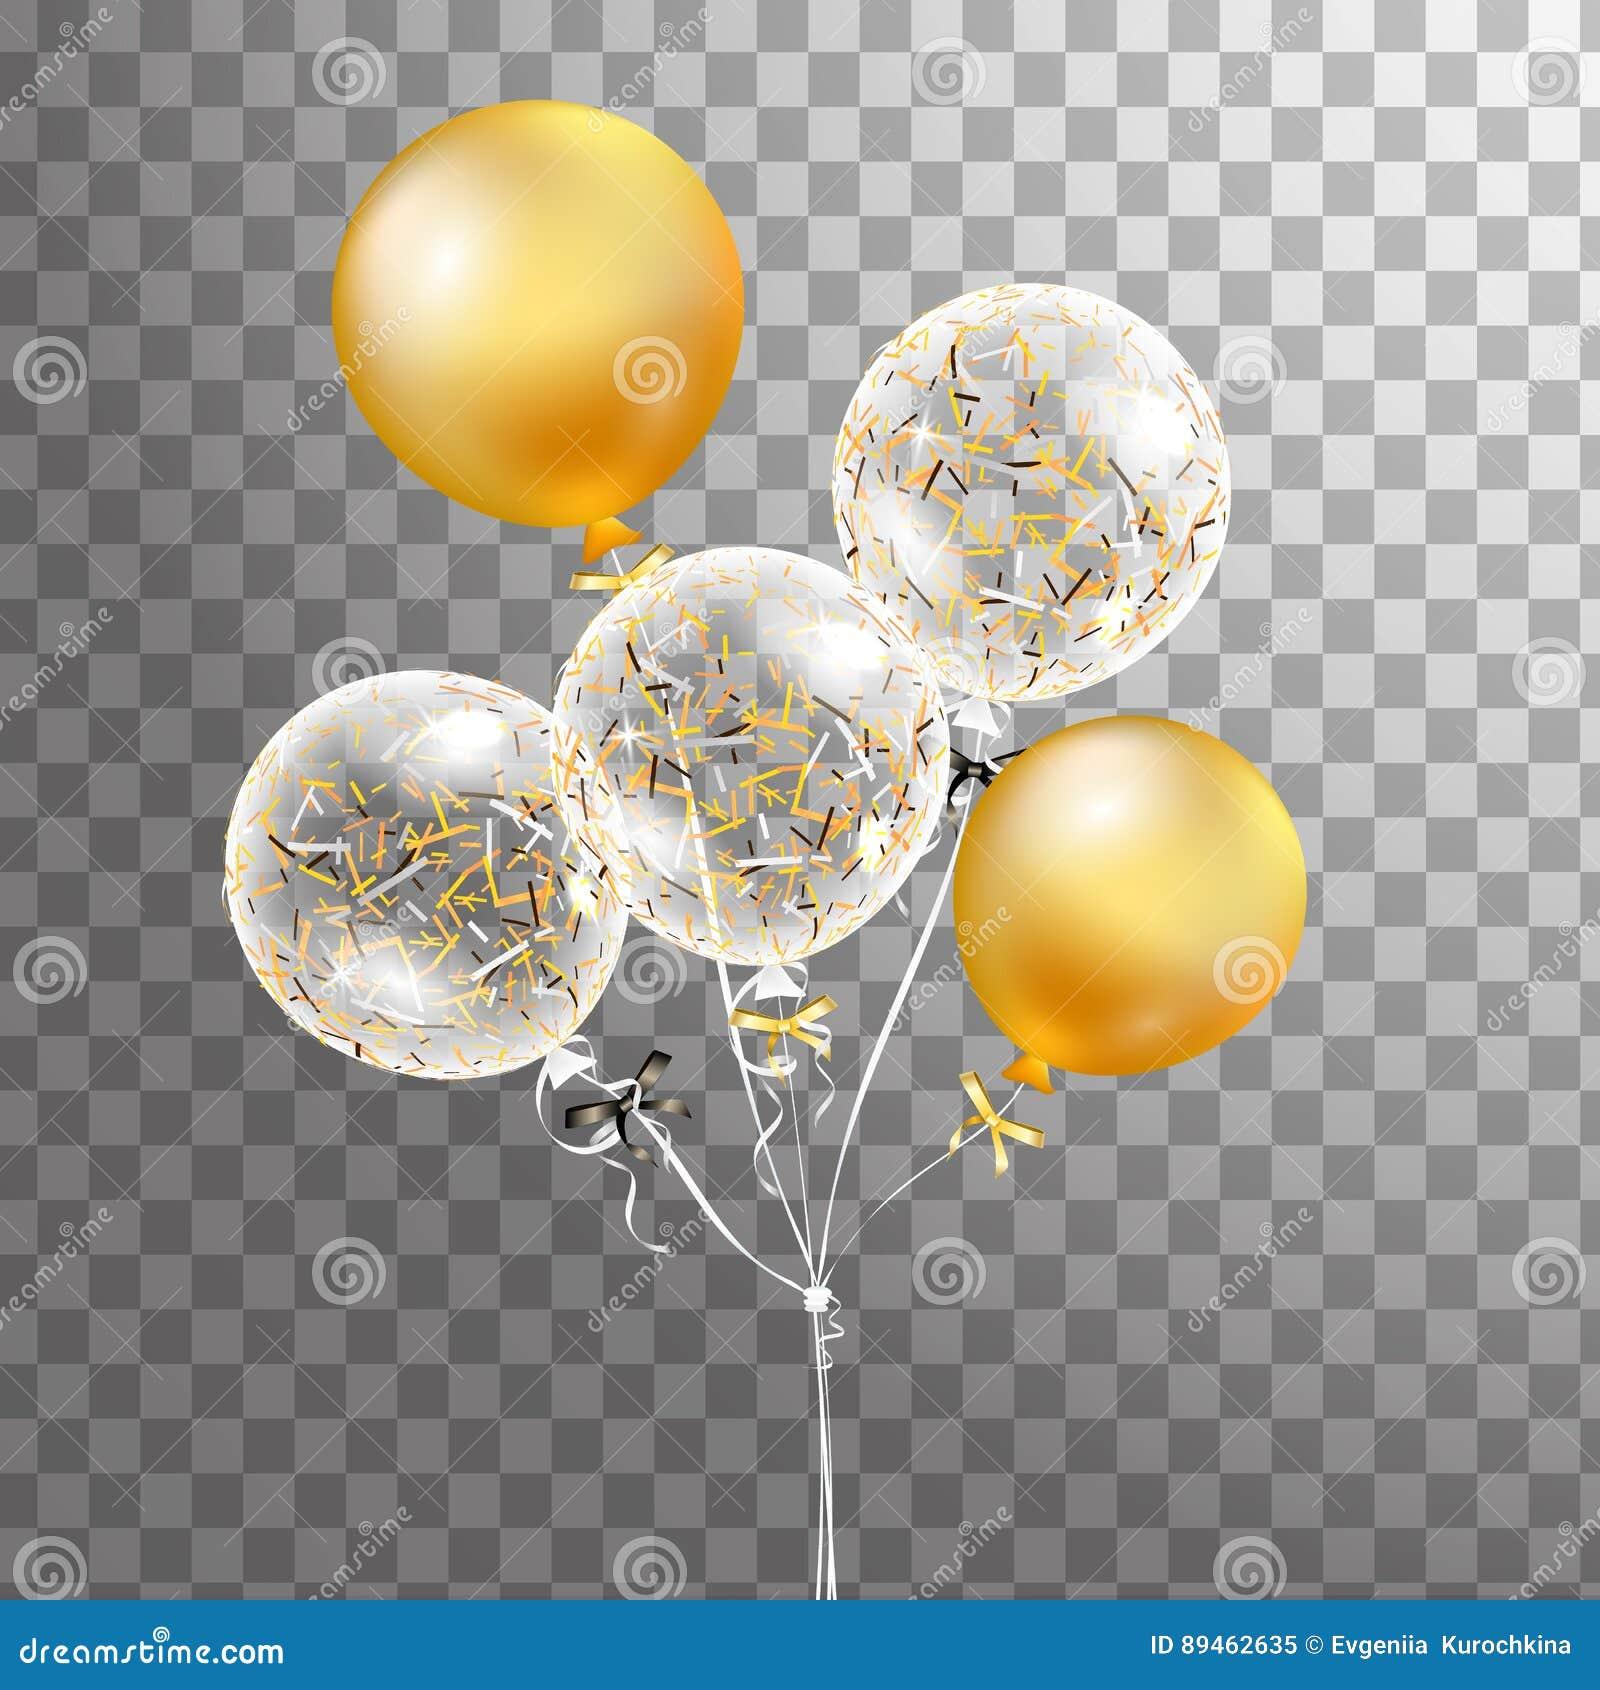 Σύνολο χρυσού, άσπρου διαφανούς μπαλονιού ηλίου που απομονώνεται στον αέρα Παγωμένα μπαλόνια κομμάτων για το σχέδιο γεγονότος Δια